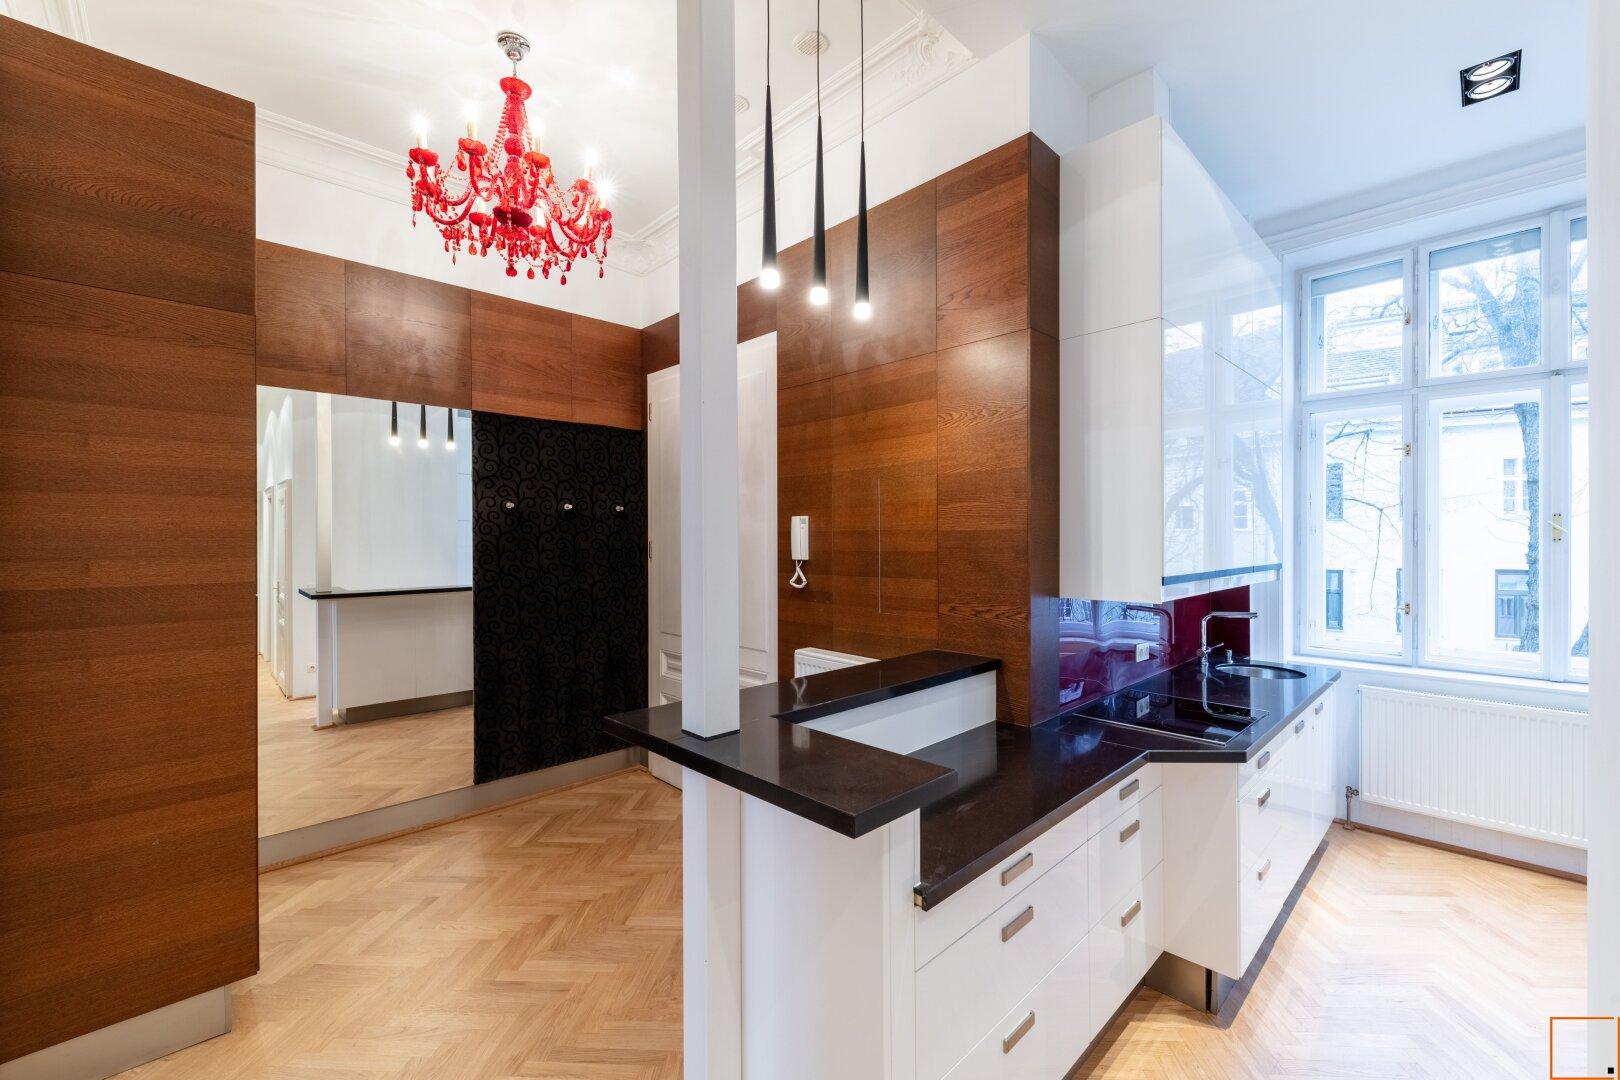 Teilansicht Küche mit Blick in begrünten Innenhof